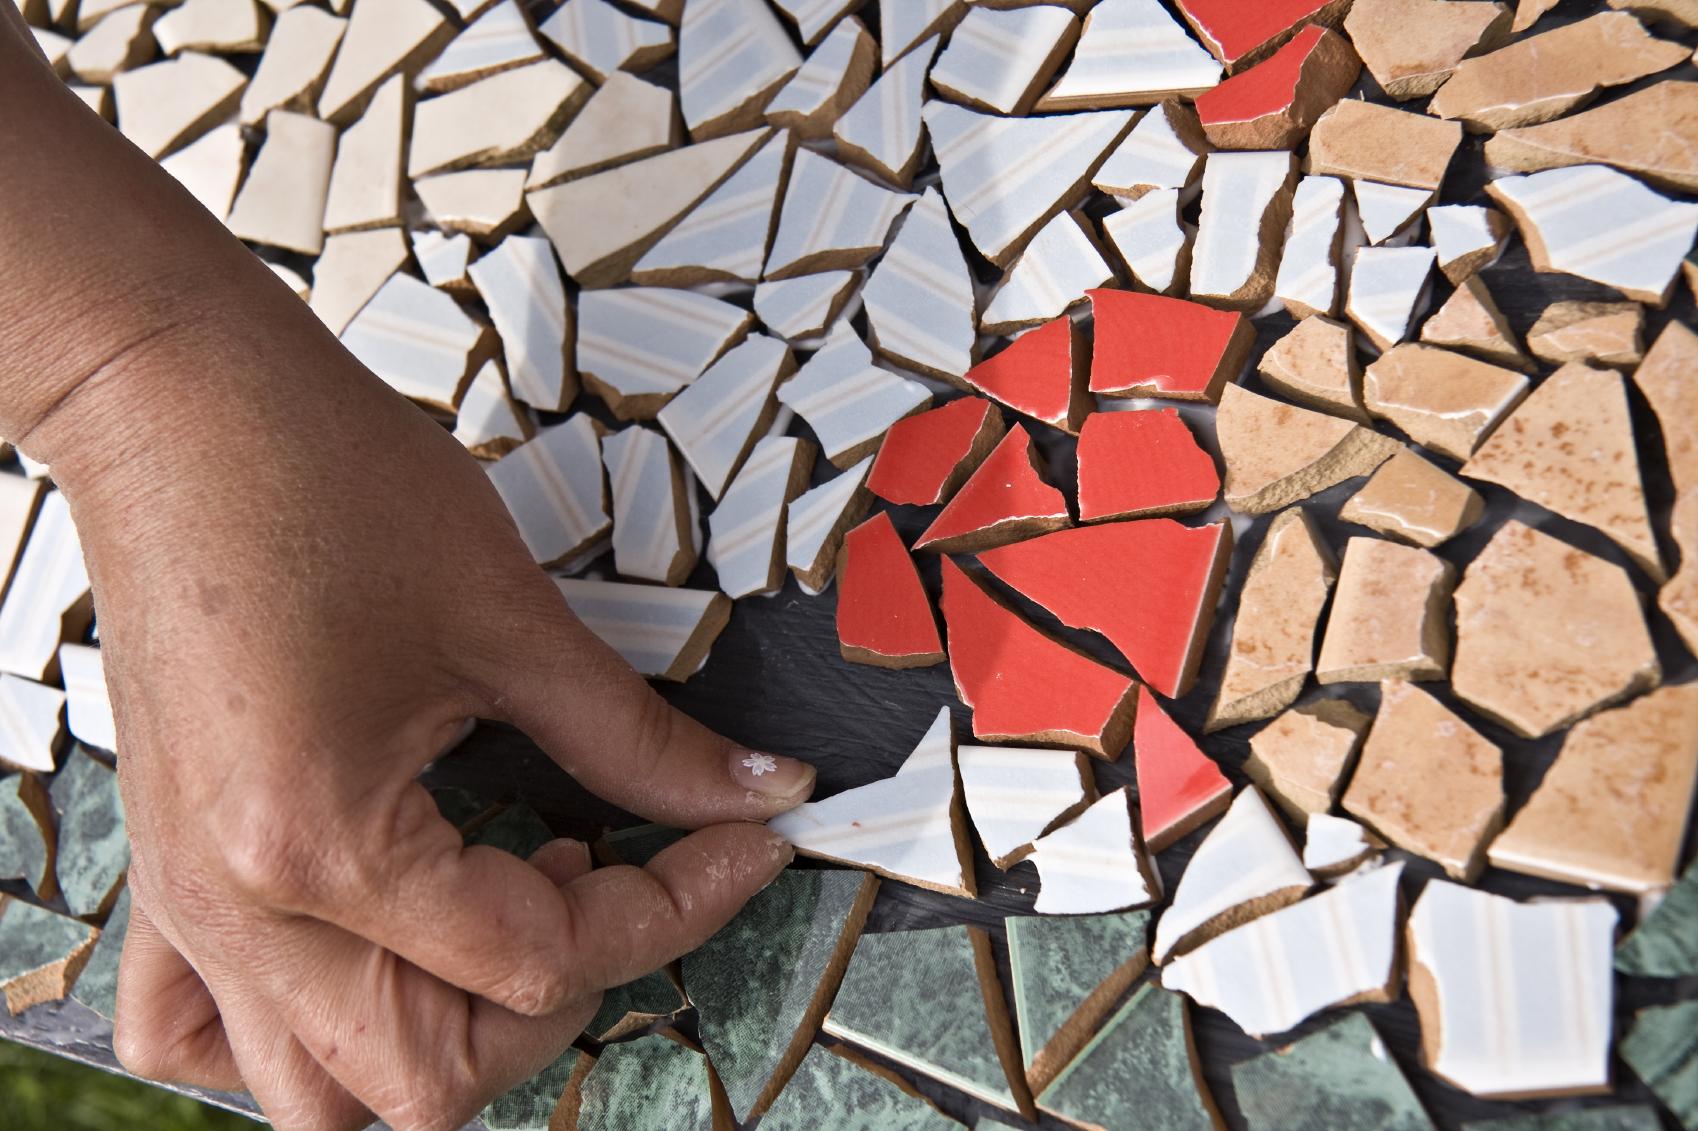 Бесплатный облицовочный материал - битая плитка